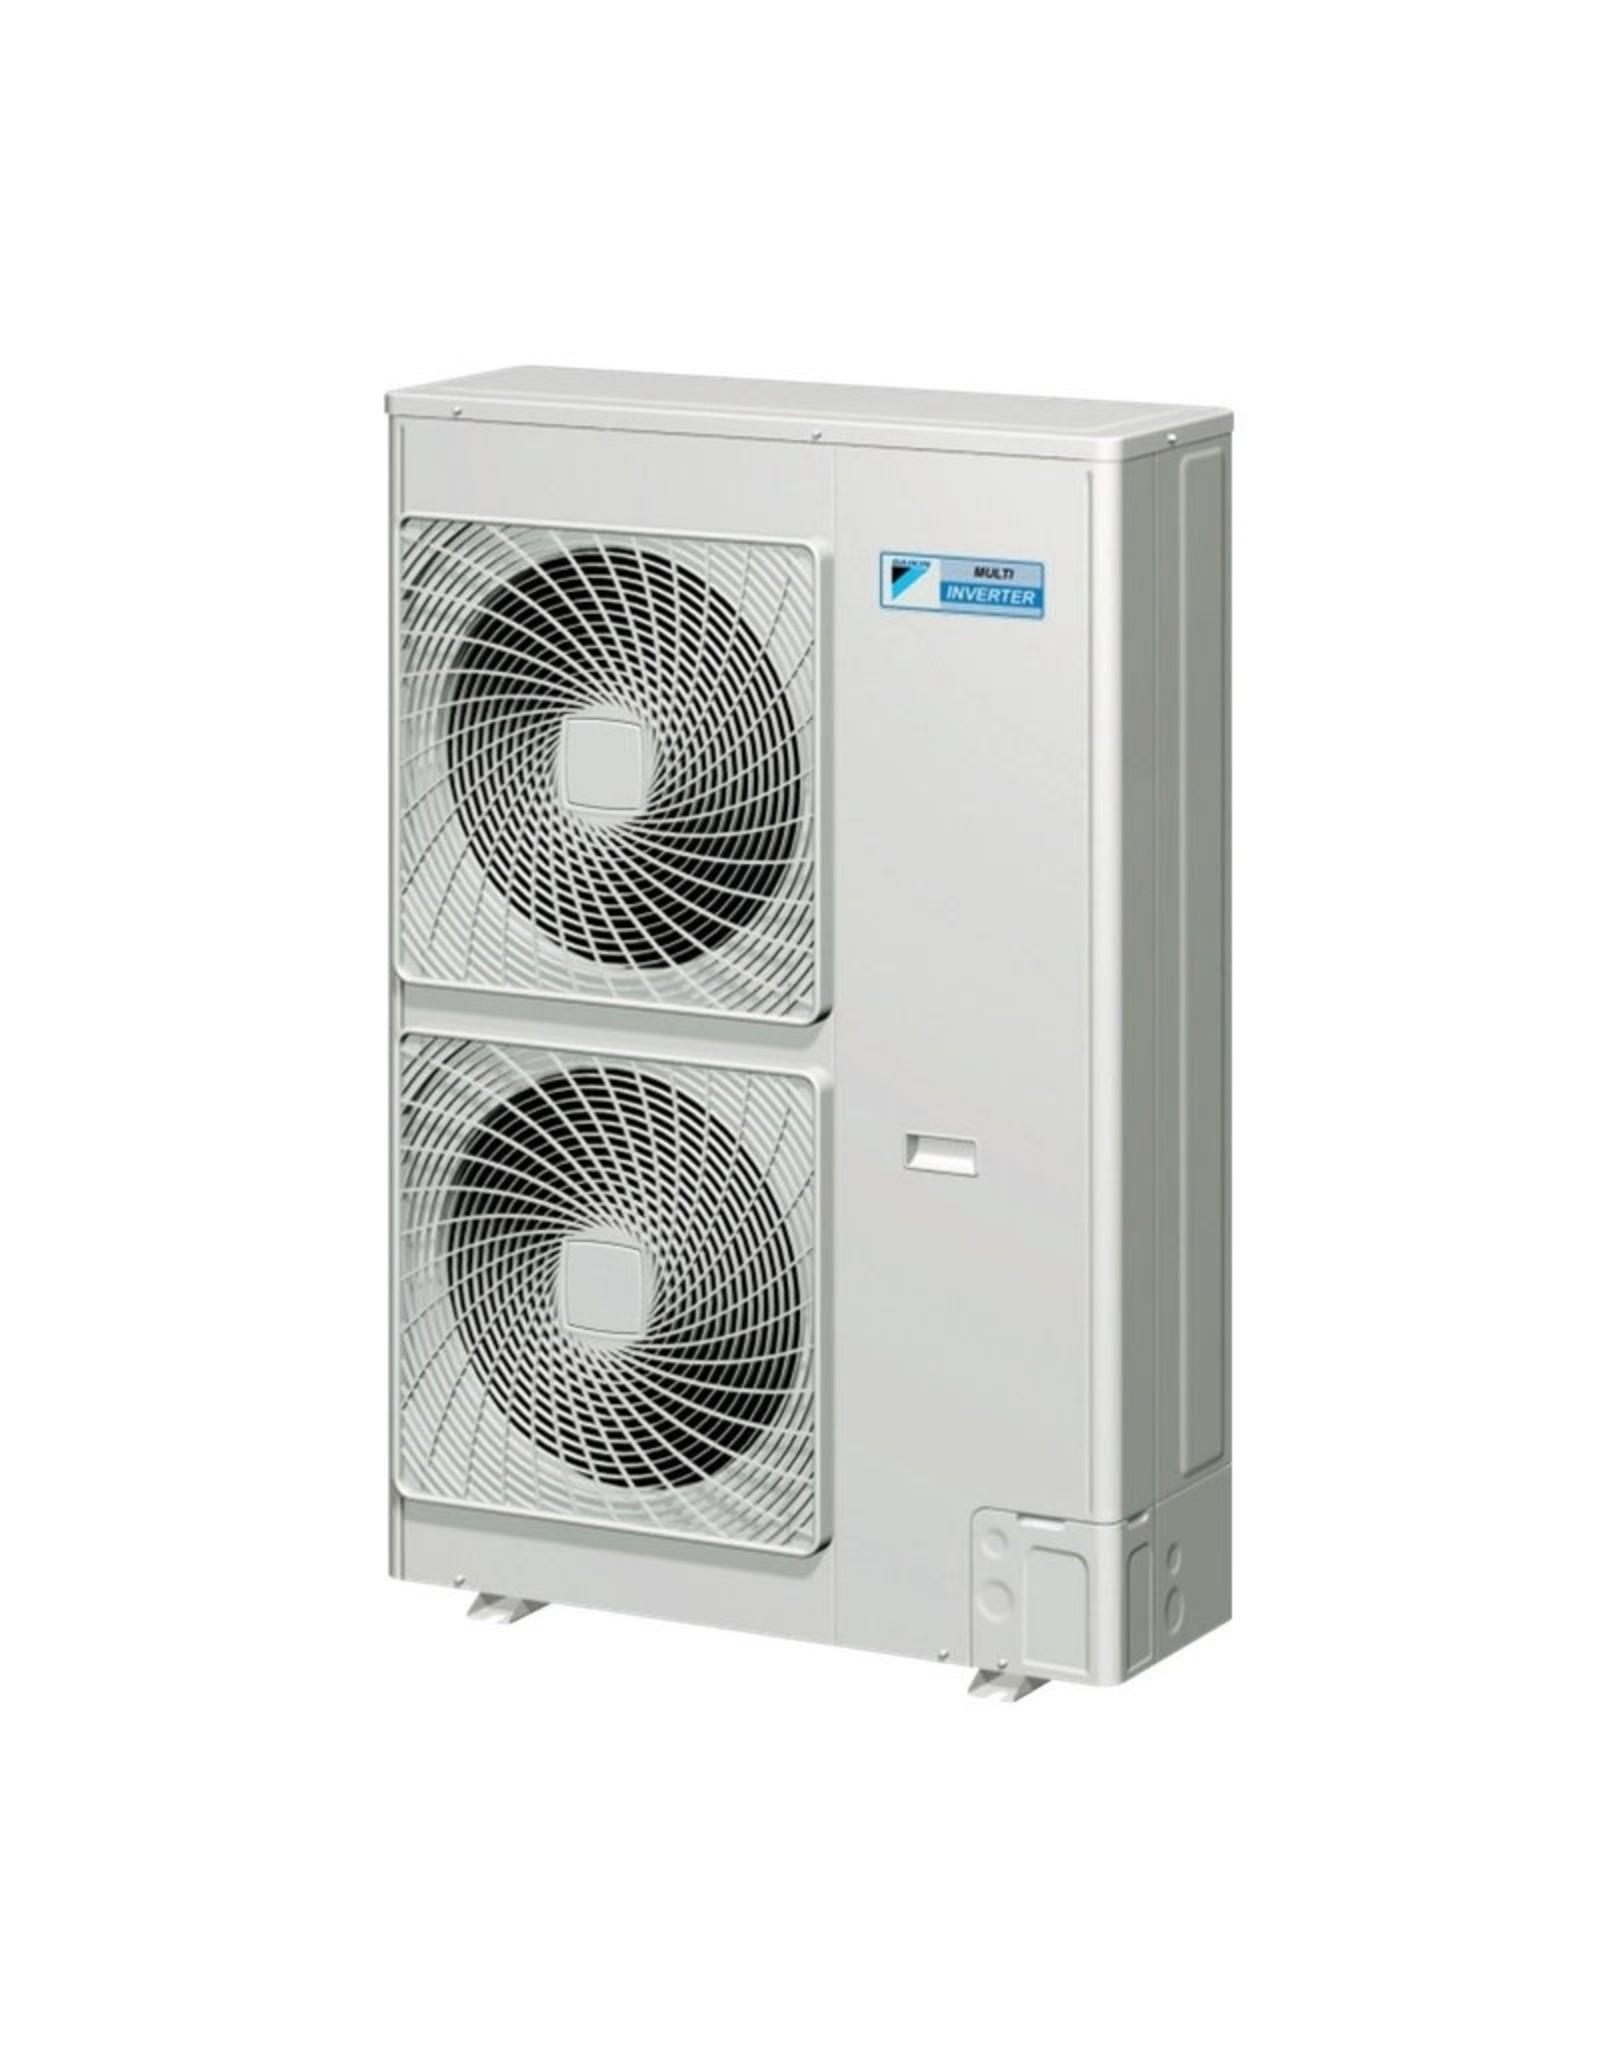 Daikin Applied Americas RMXS Series Heat Pump Up to  8 Zone Condenser Unit - 208/230 - 1ph